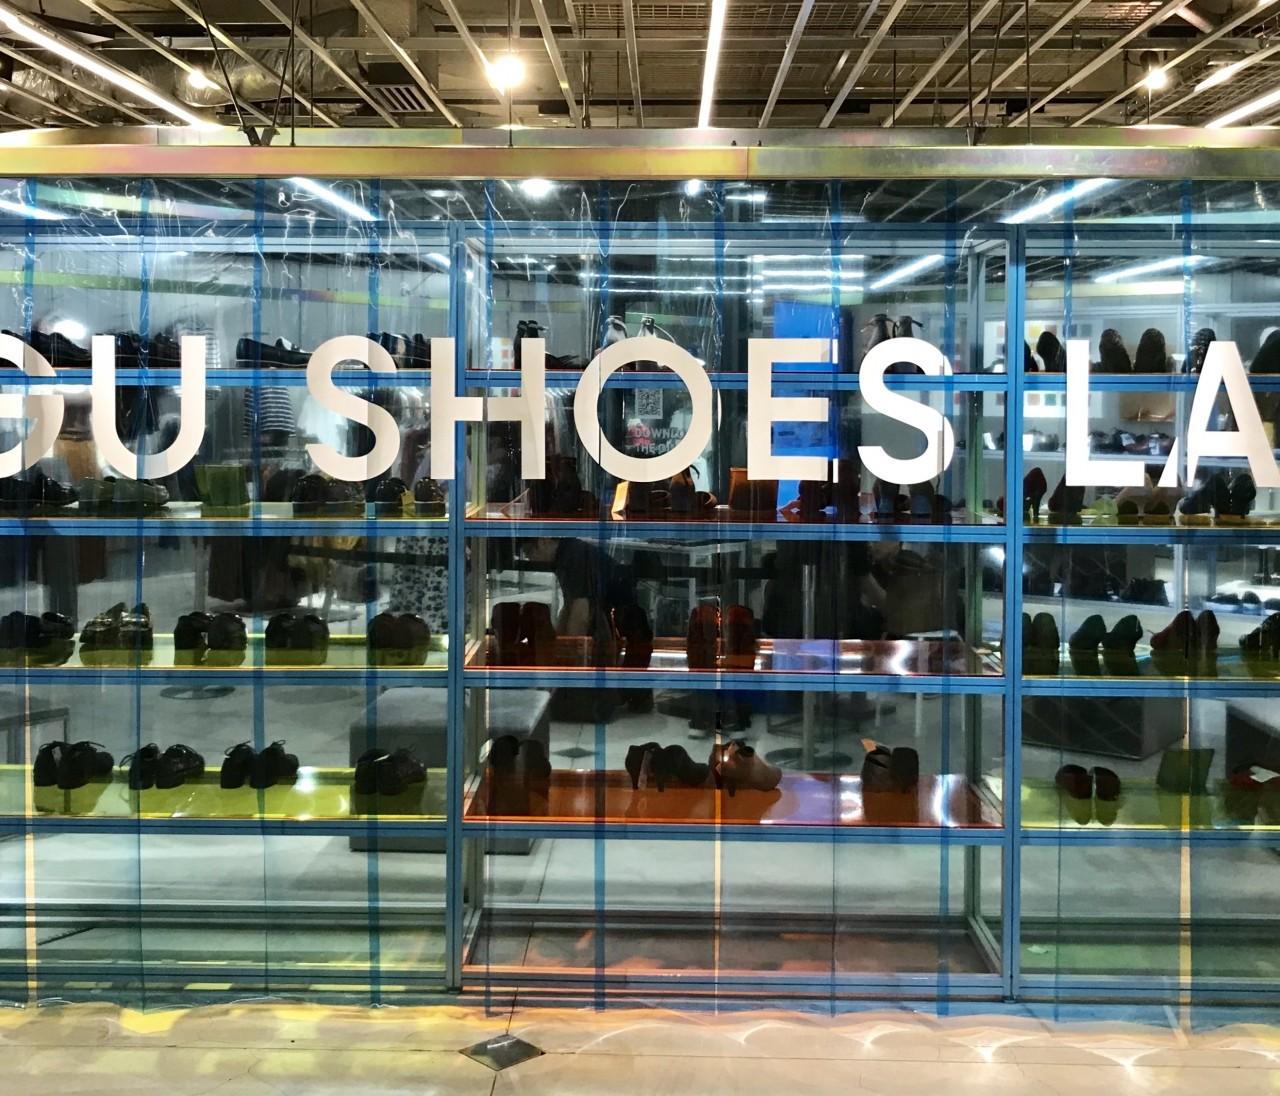 【GU(ジーユー)】がみんなの「痛くない靴がほしい!」にアンサー♡ GU SHOES LAB発足